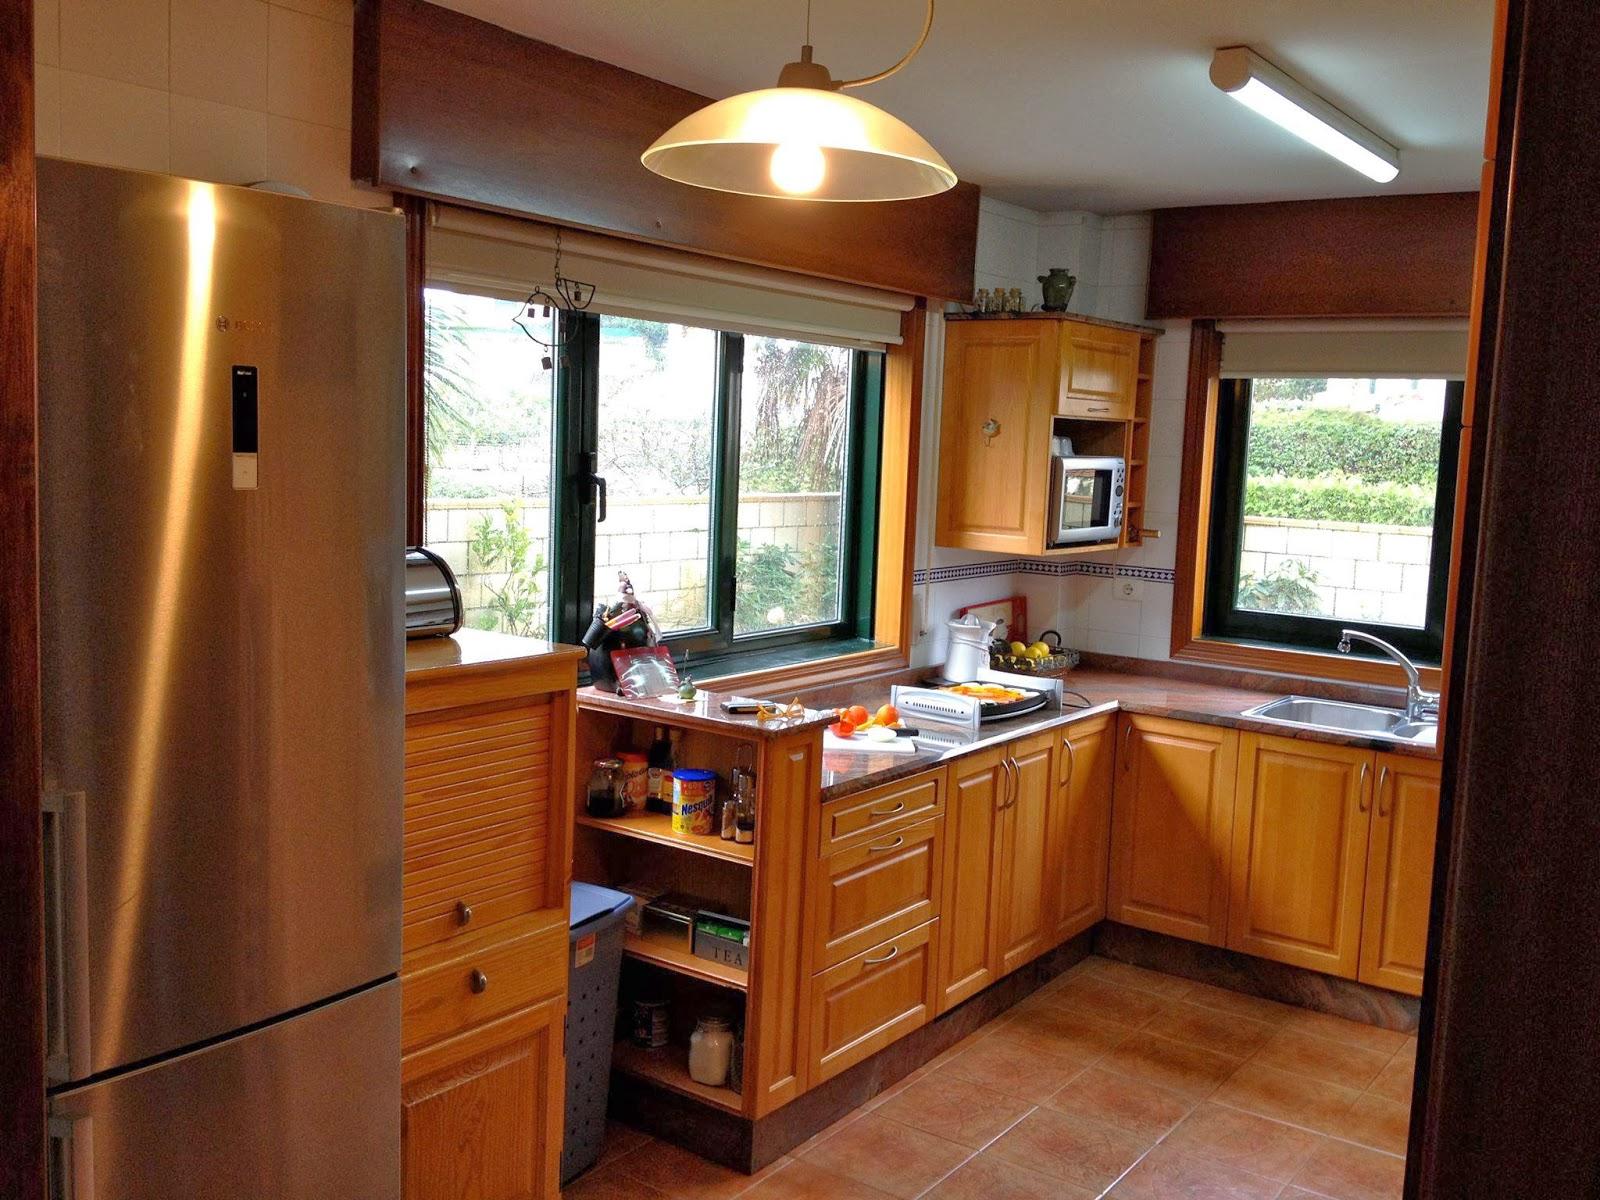 Cocina de madera de cedro con entrepa o macizo piedra de for Muebles de cocina finsa